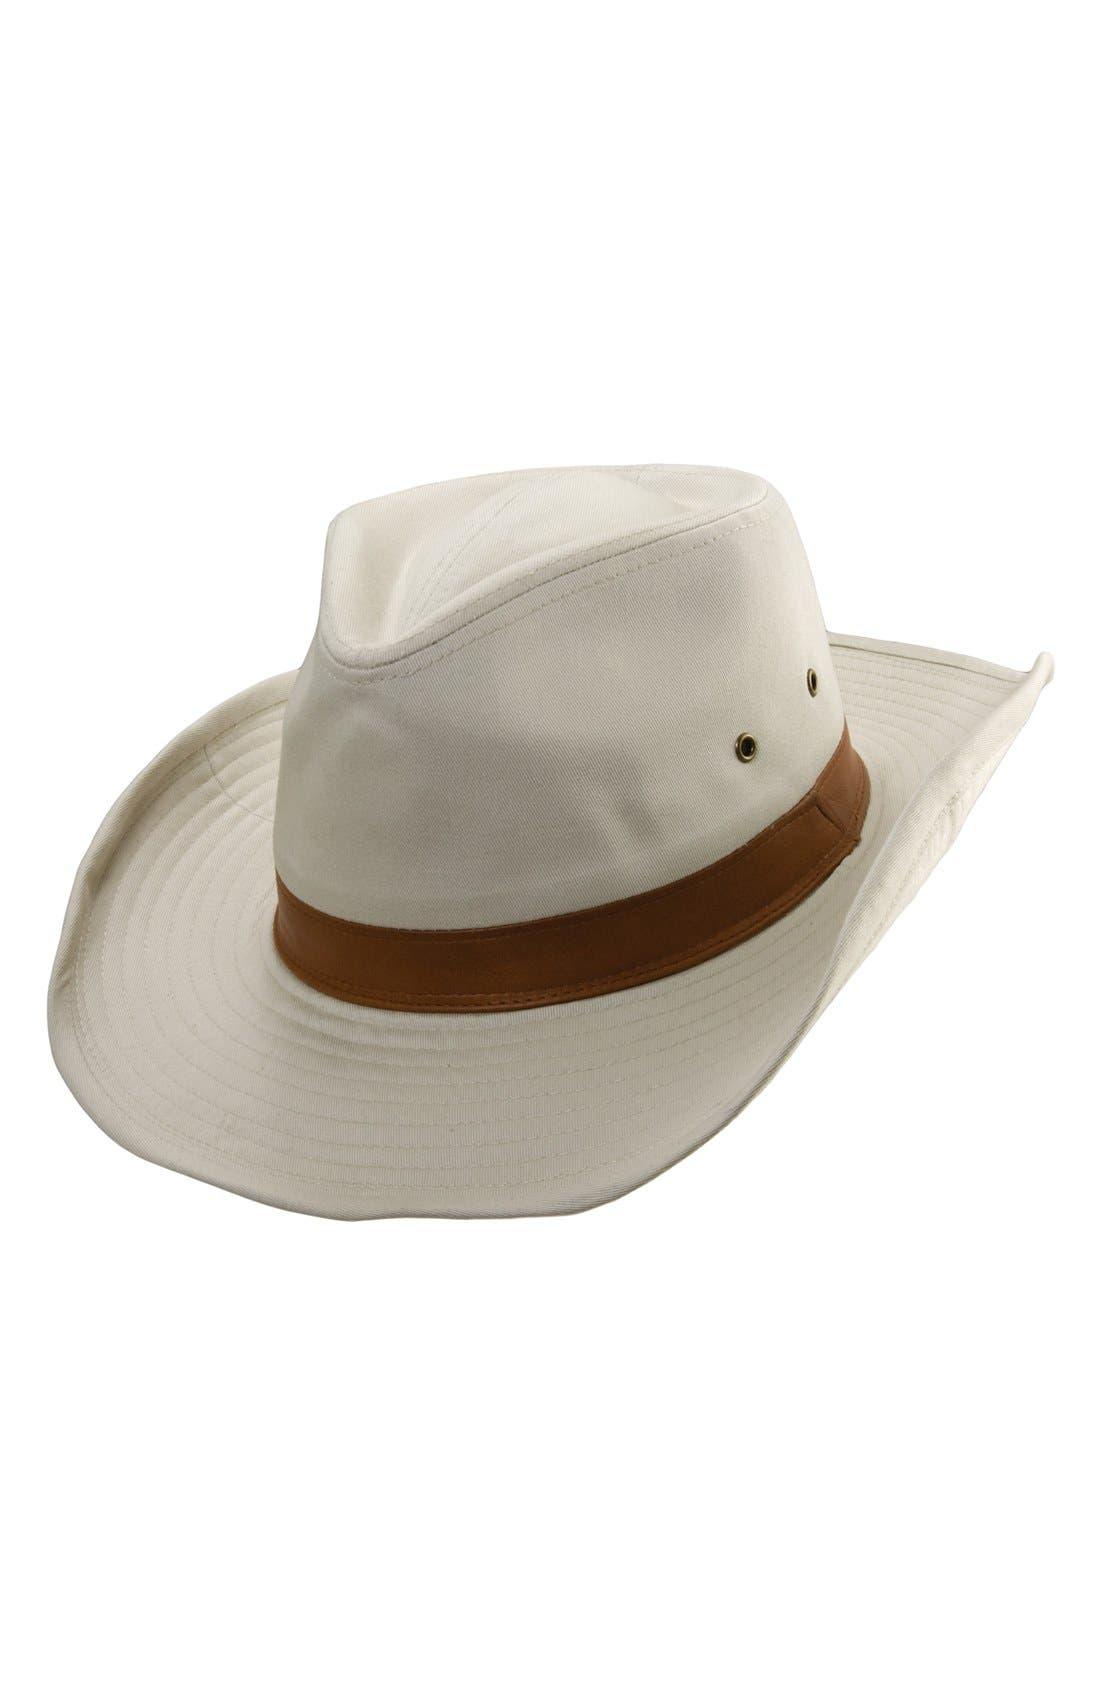 Cotton Outback Hat,                         Main,                         color, 231